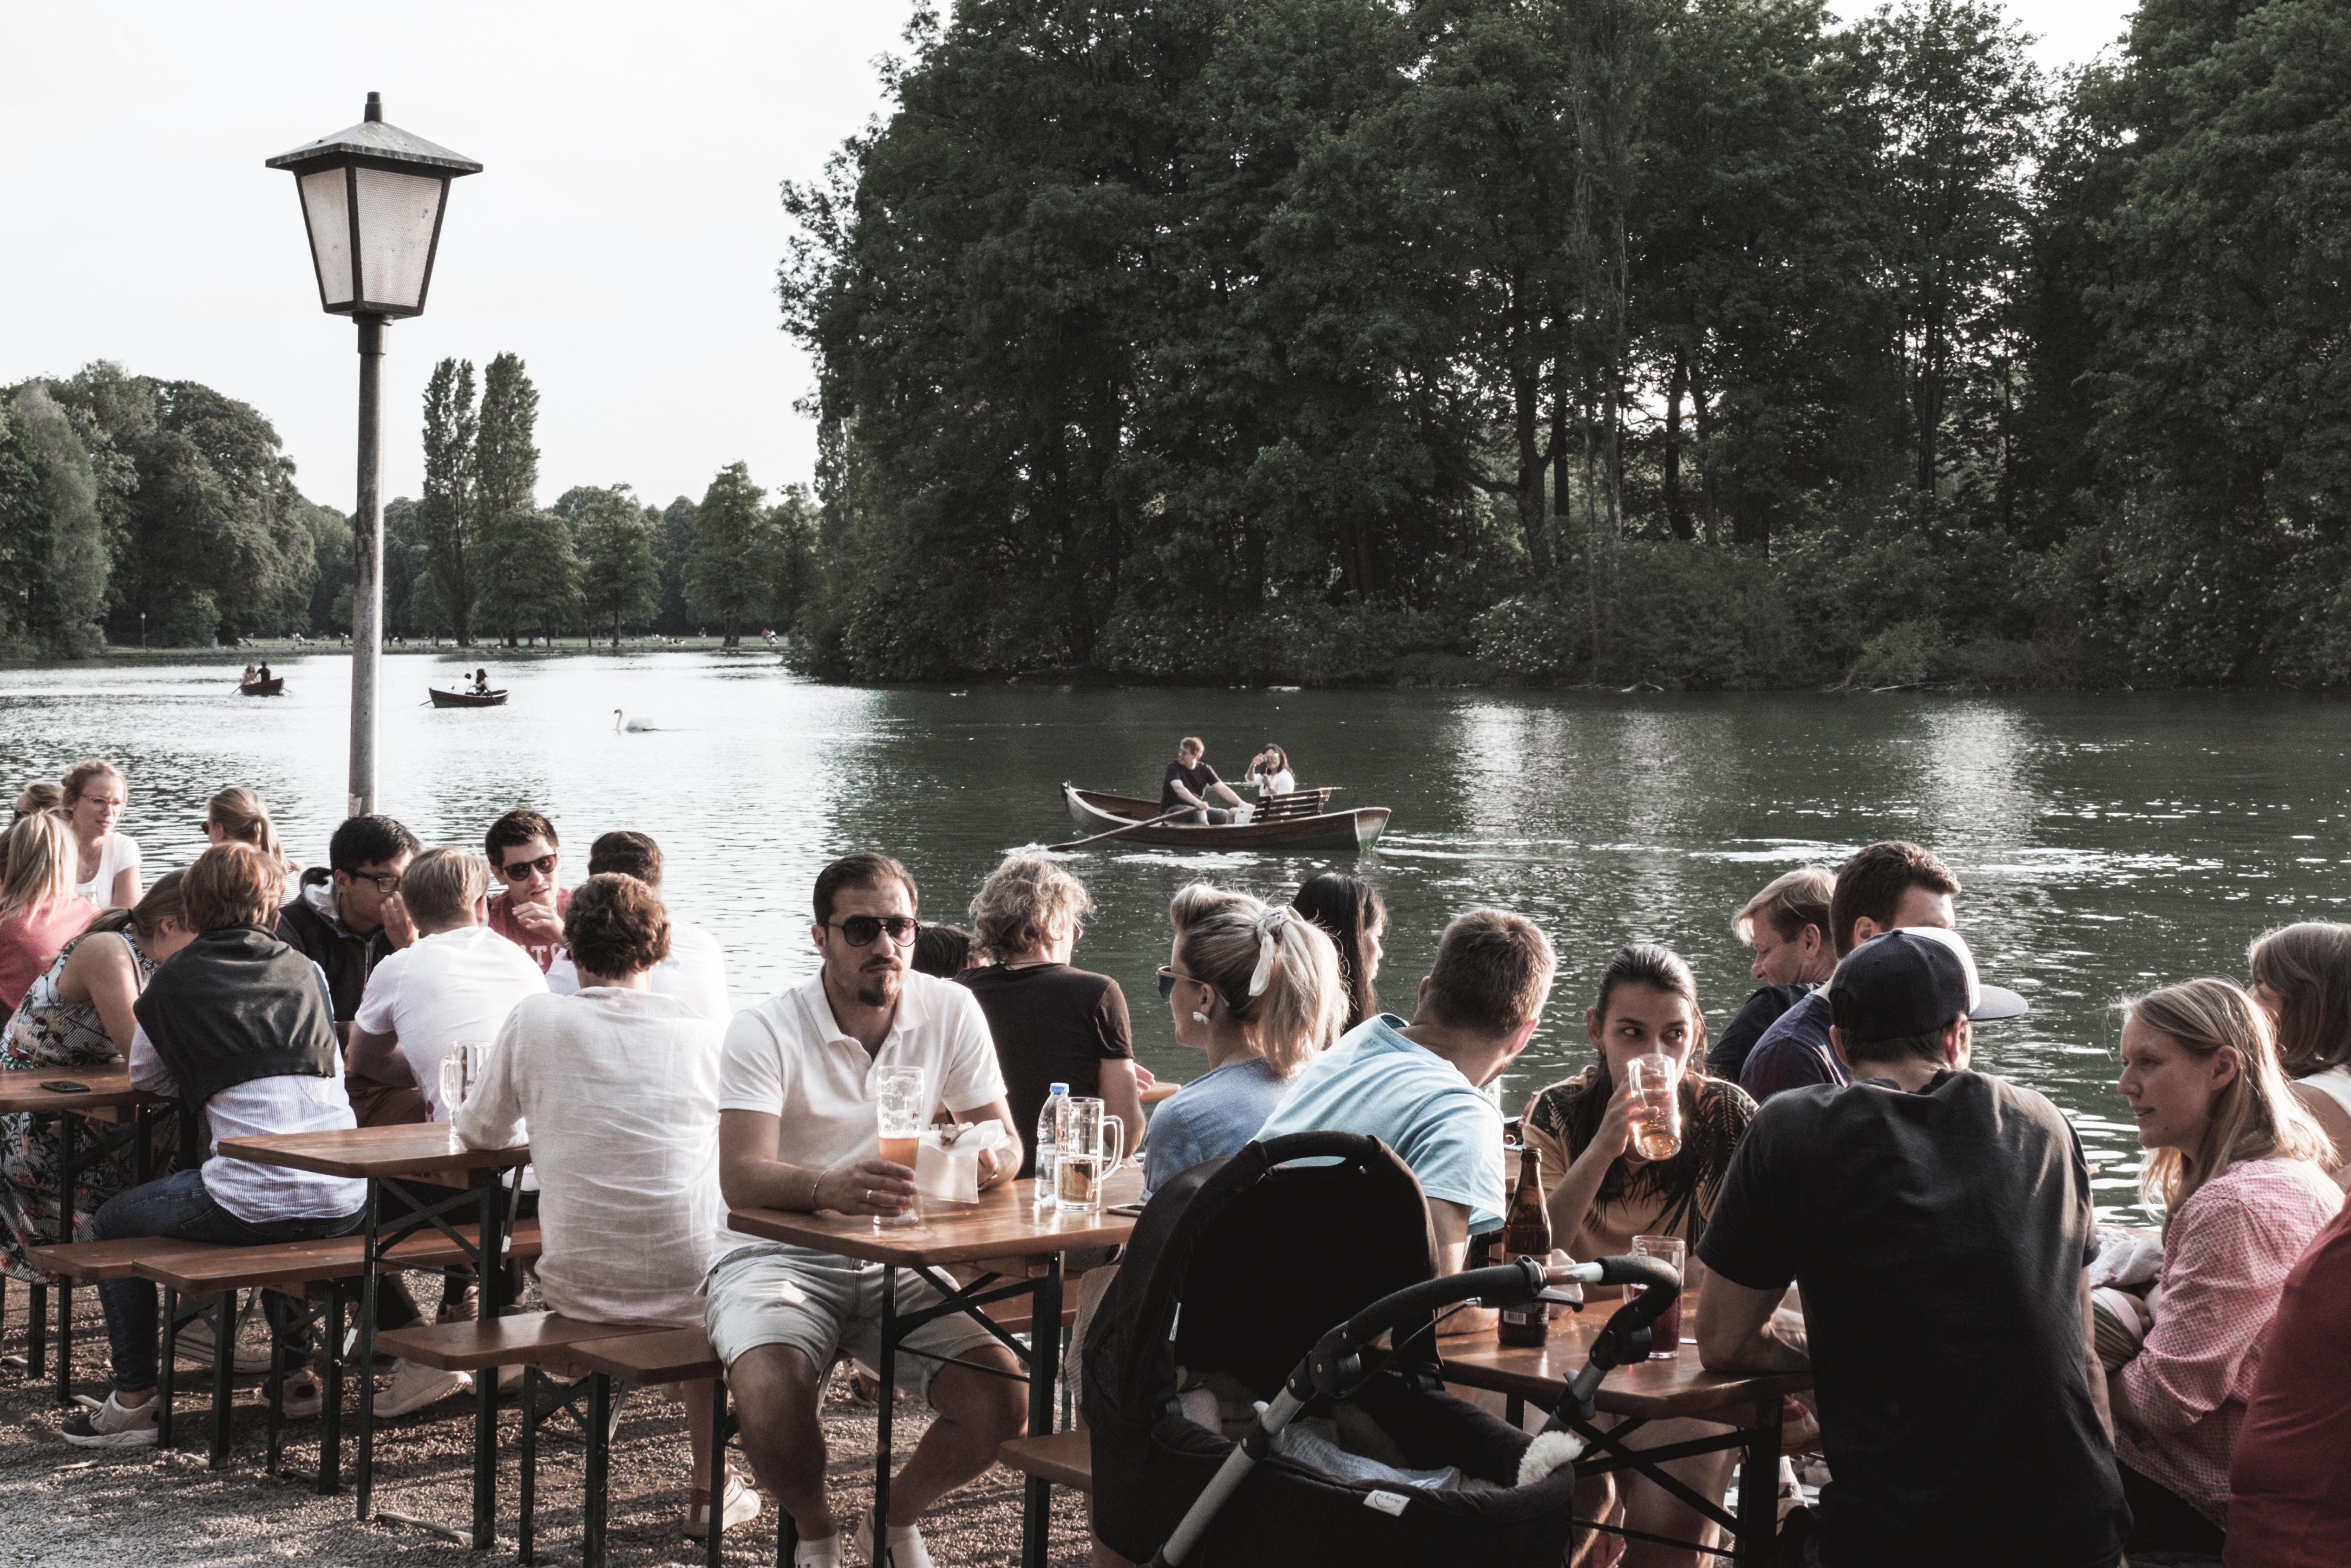 Munich-Biergarten-Seehaus-lemonetorange-baviere-allemagne-city guide